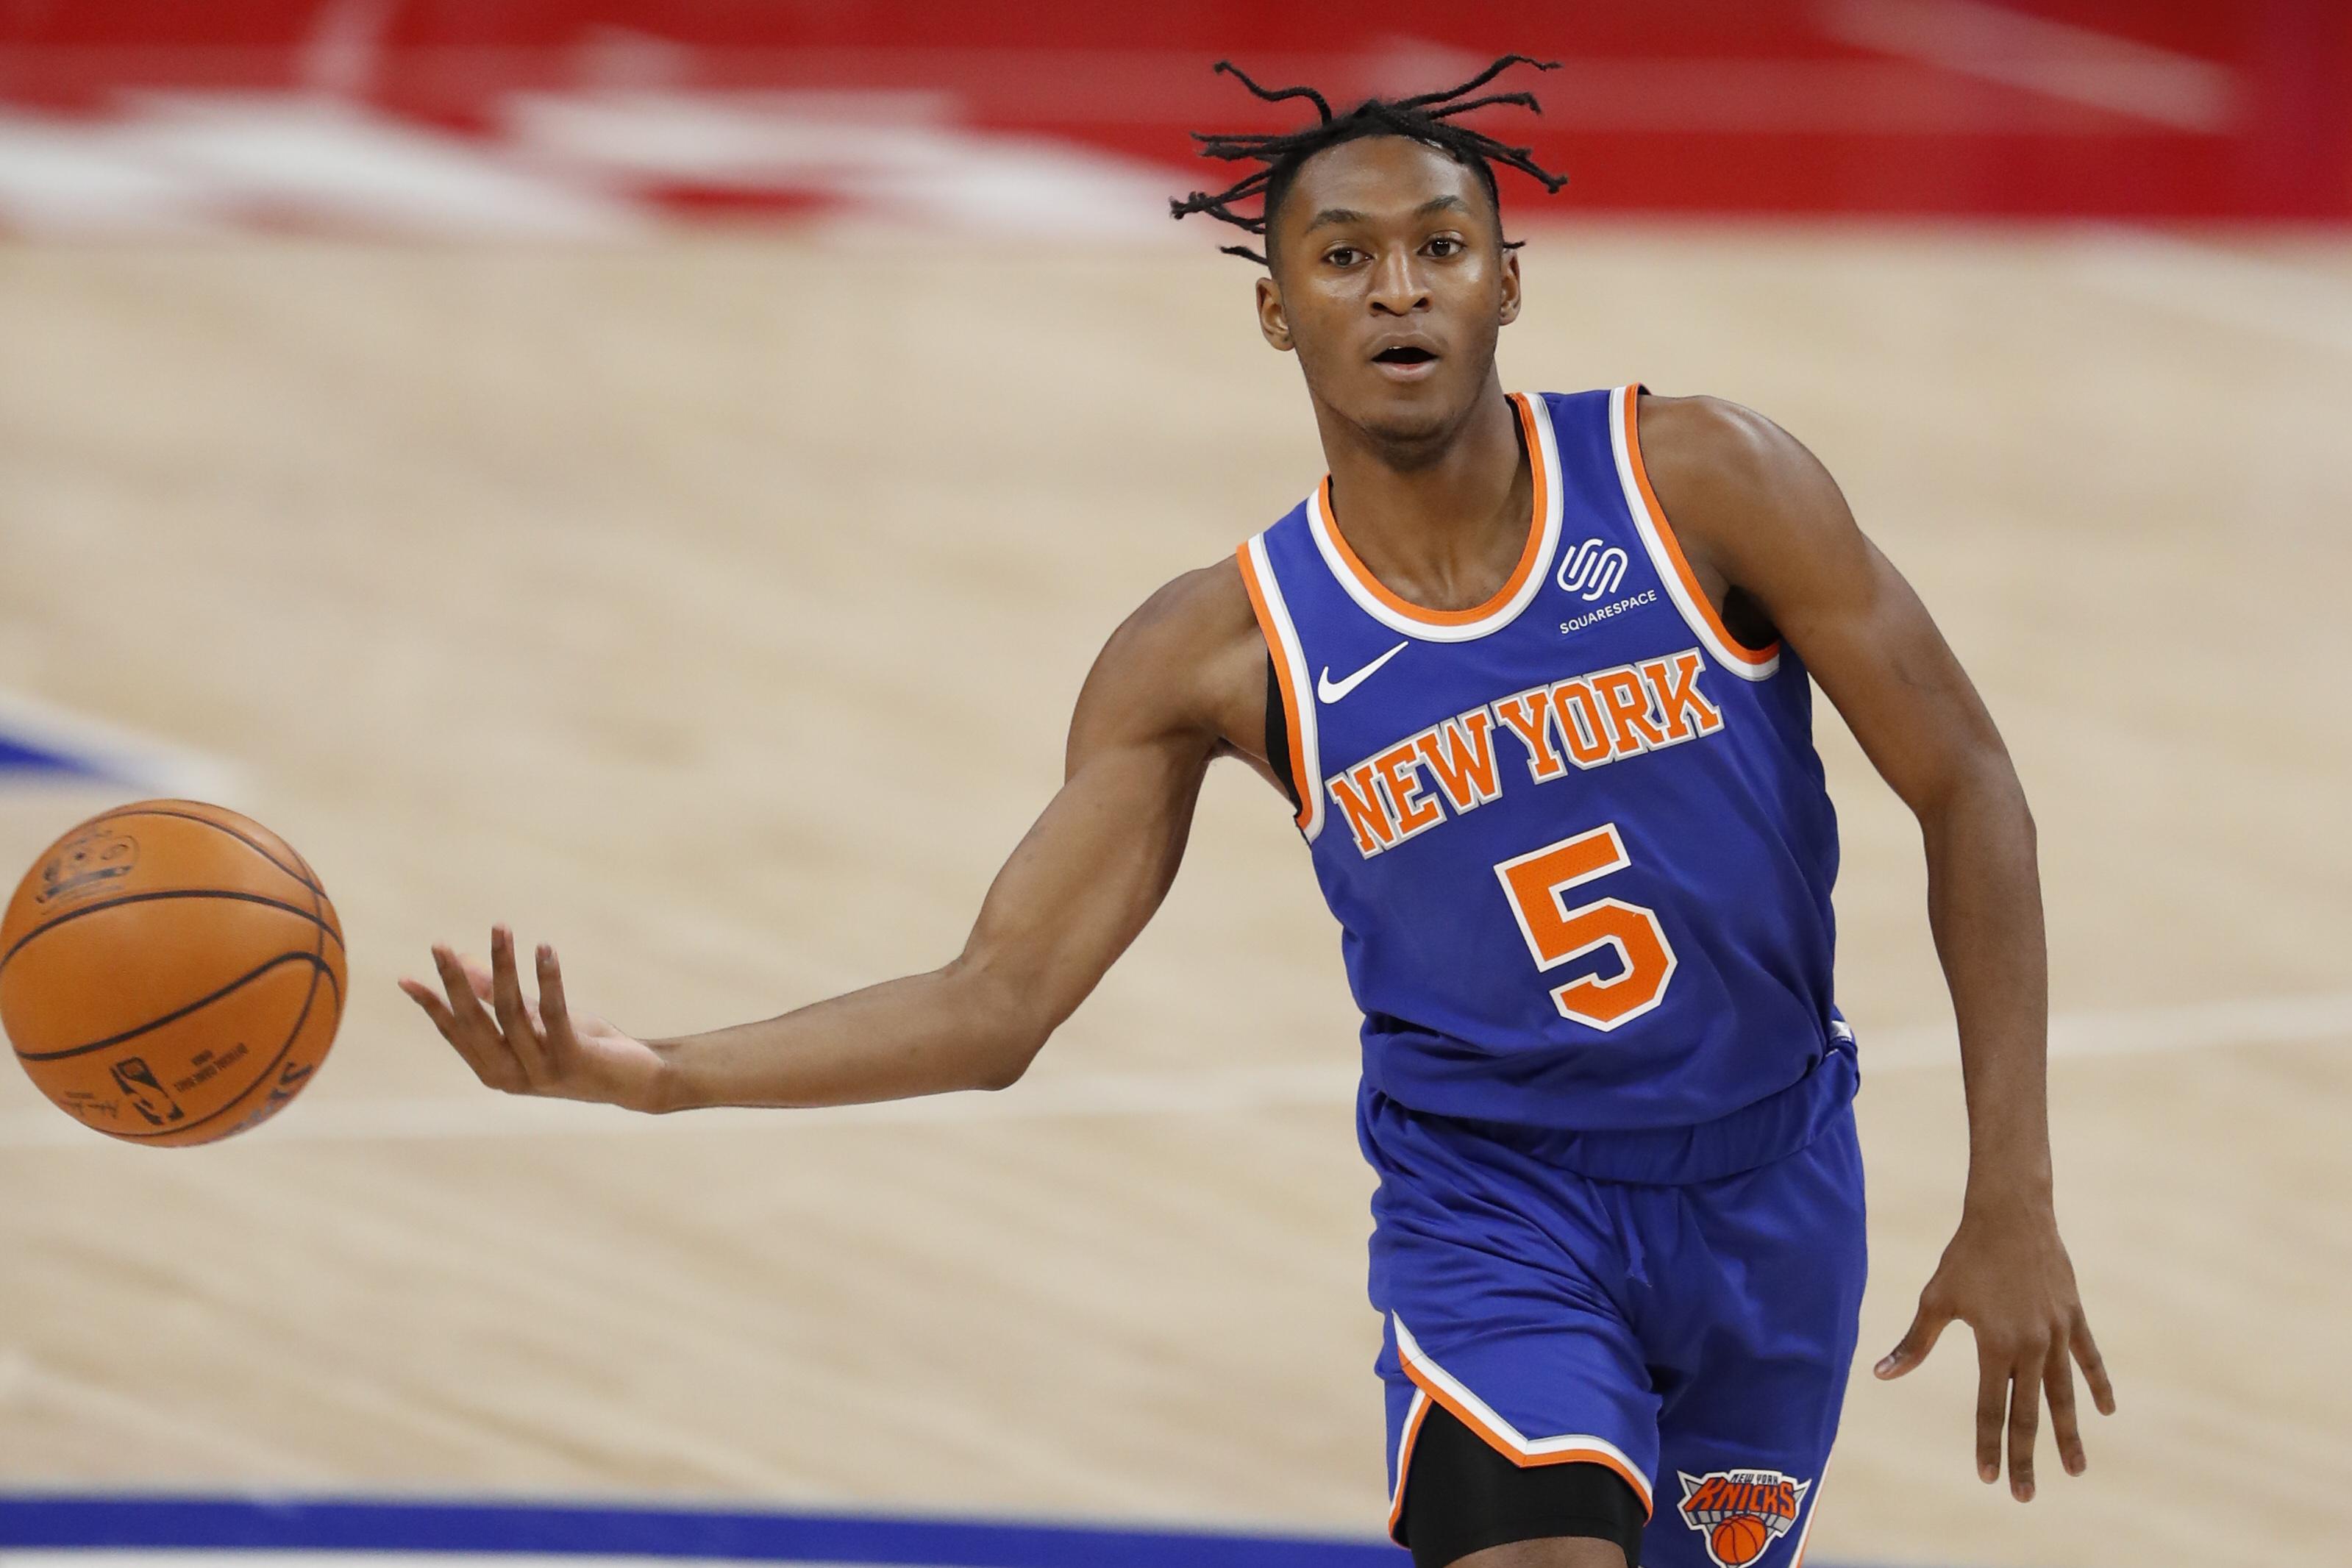 Immanuel Quickley, New York Knicks